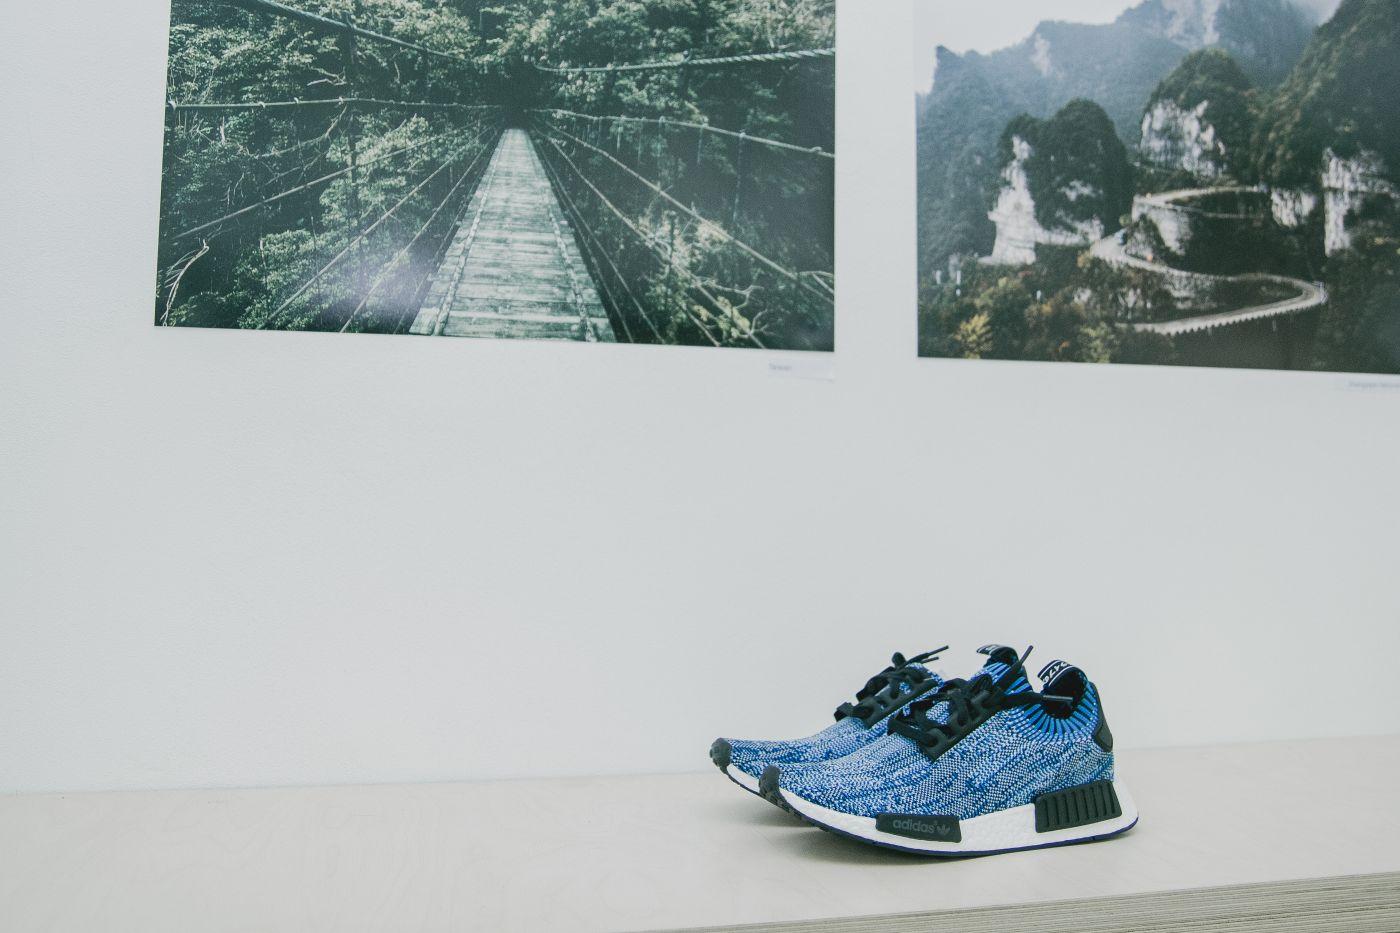 Jak to vypadalo na výstavě fotografií Adama Bakaye a pre-release party adidas NMD?